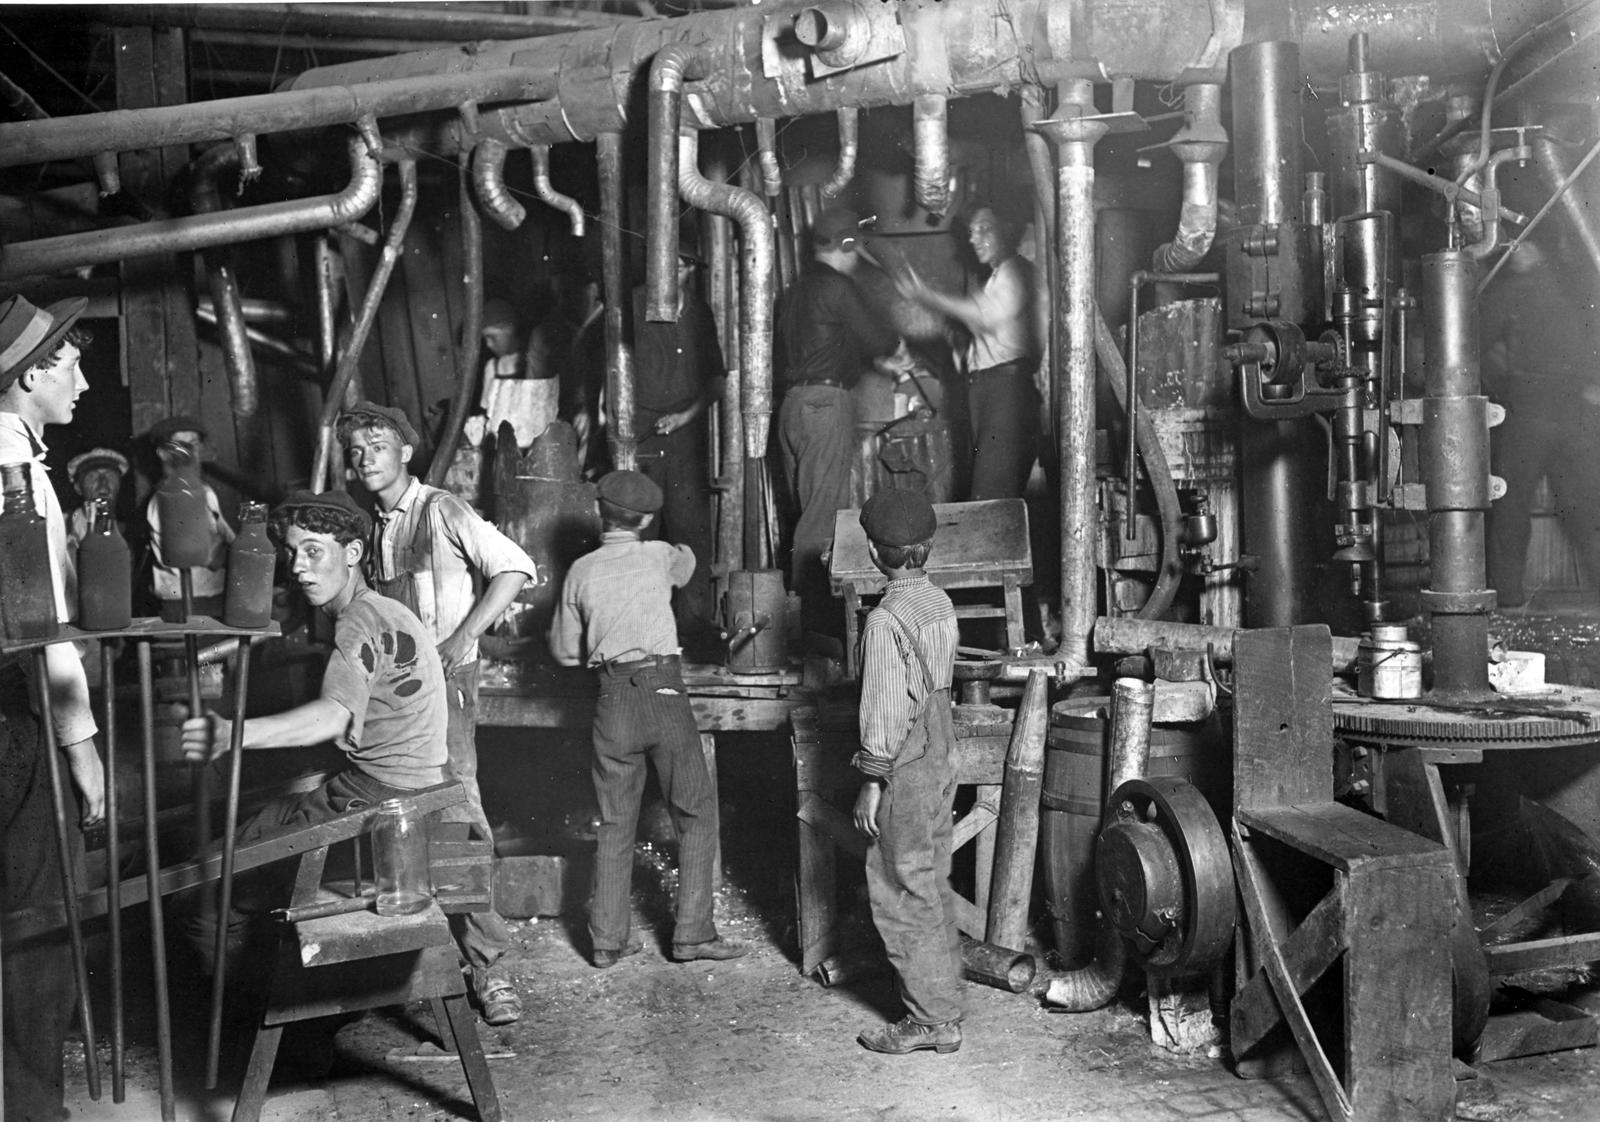 Eine negative Folge der Industrialisierung war die Kinderarbeit